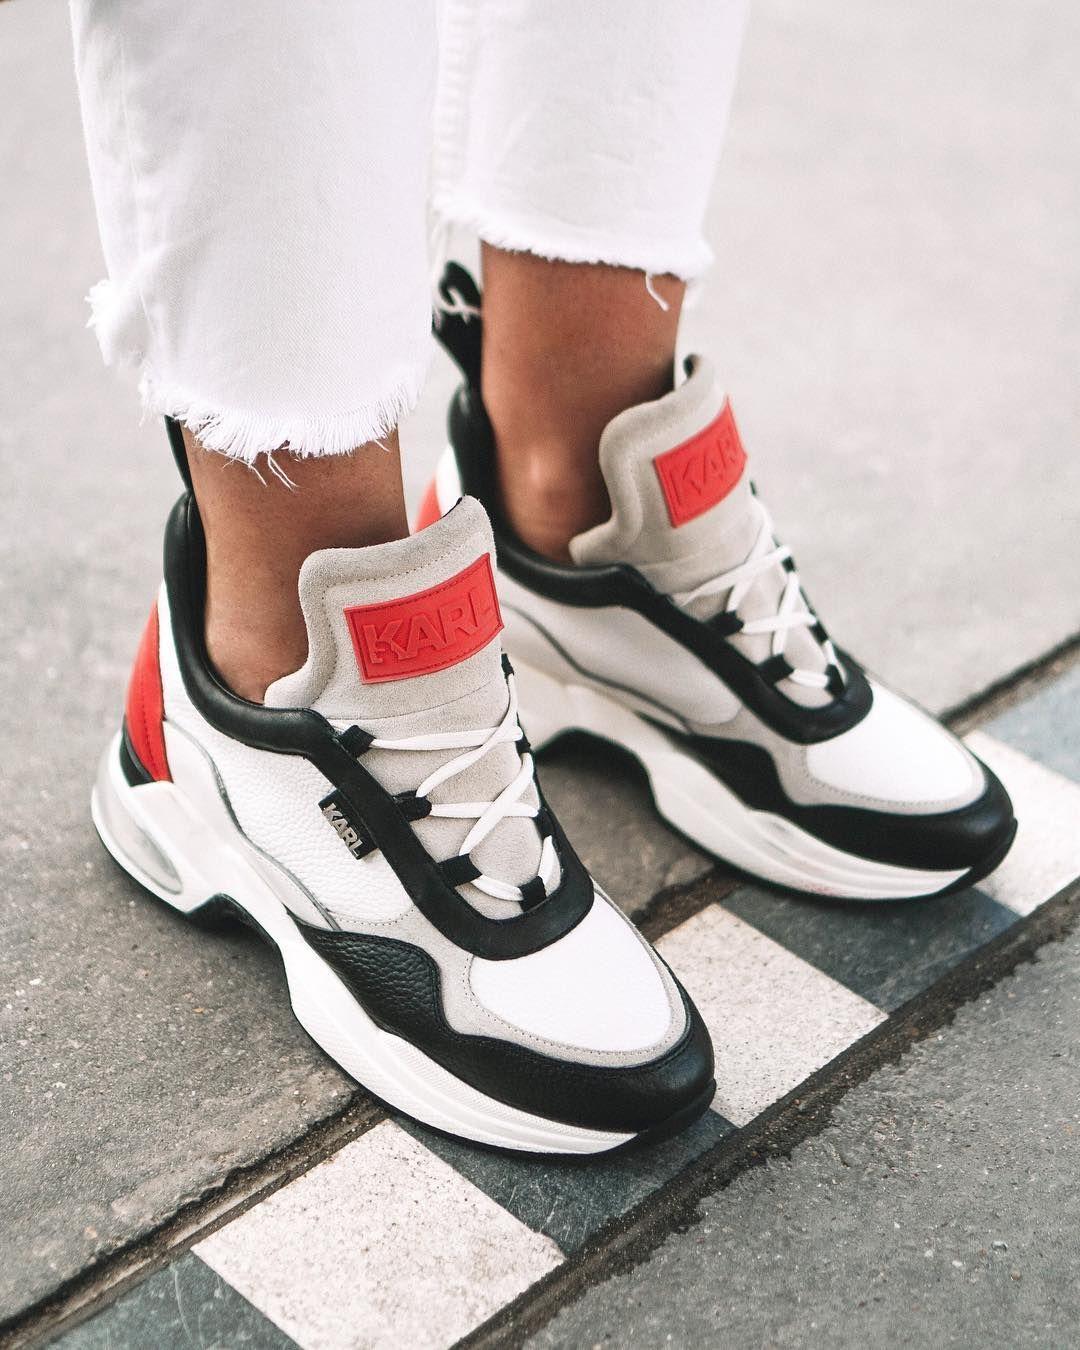 Karl Lagerfeld On Instagram Sunday Sneakers Karllagerfeld Karl Lagerfeld Shoes Sneakers Karl Lagerfeld